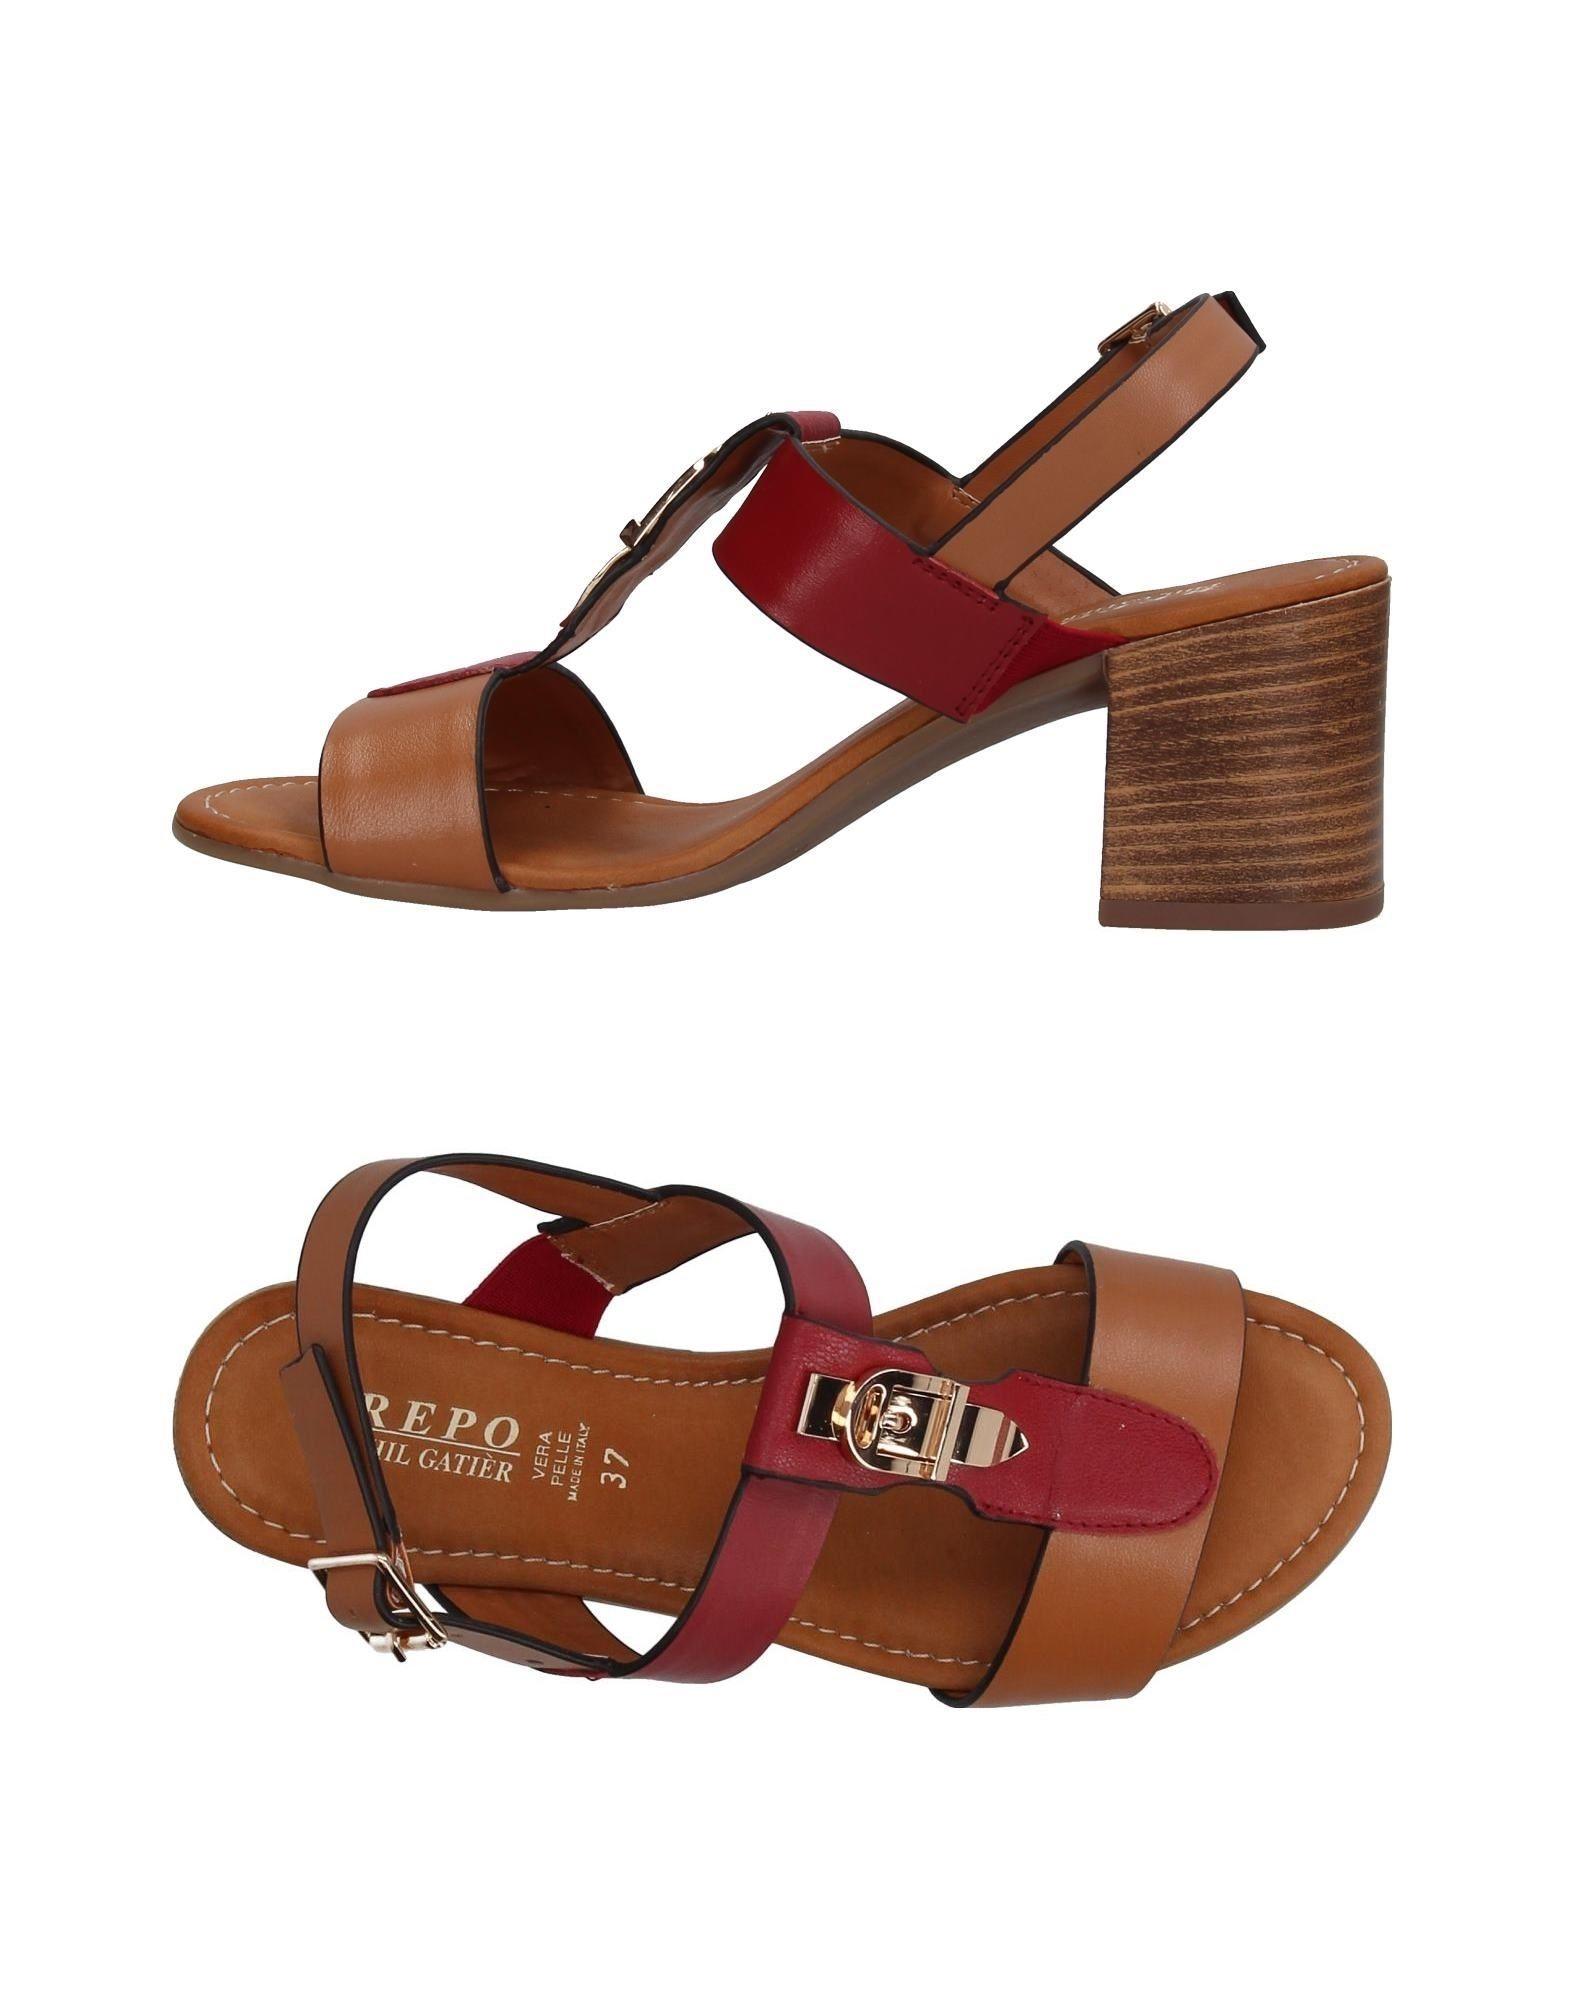 FOOTWEAR - Sandals Repo kyerCOQu7X